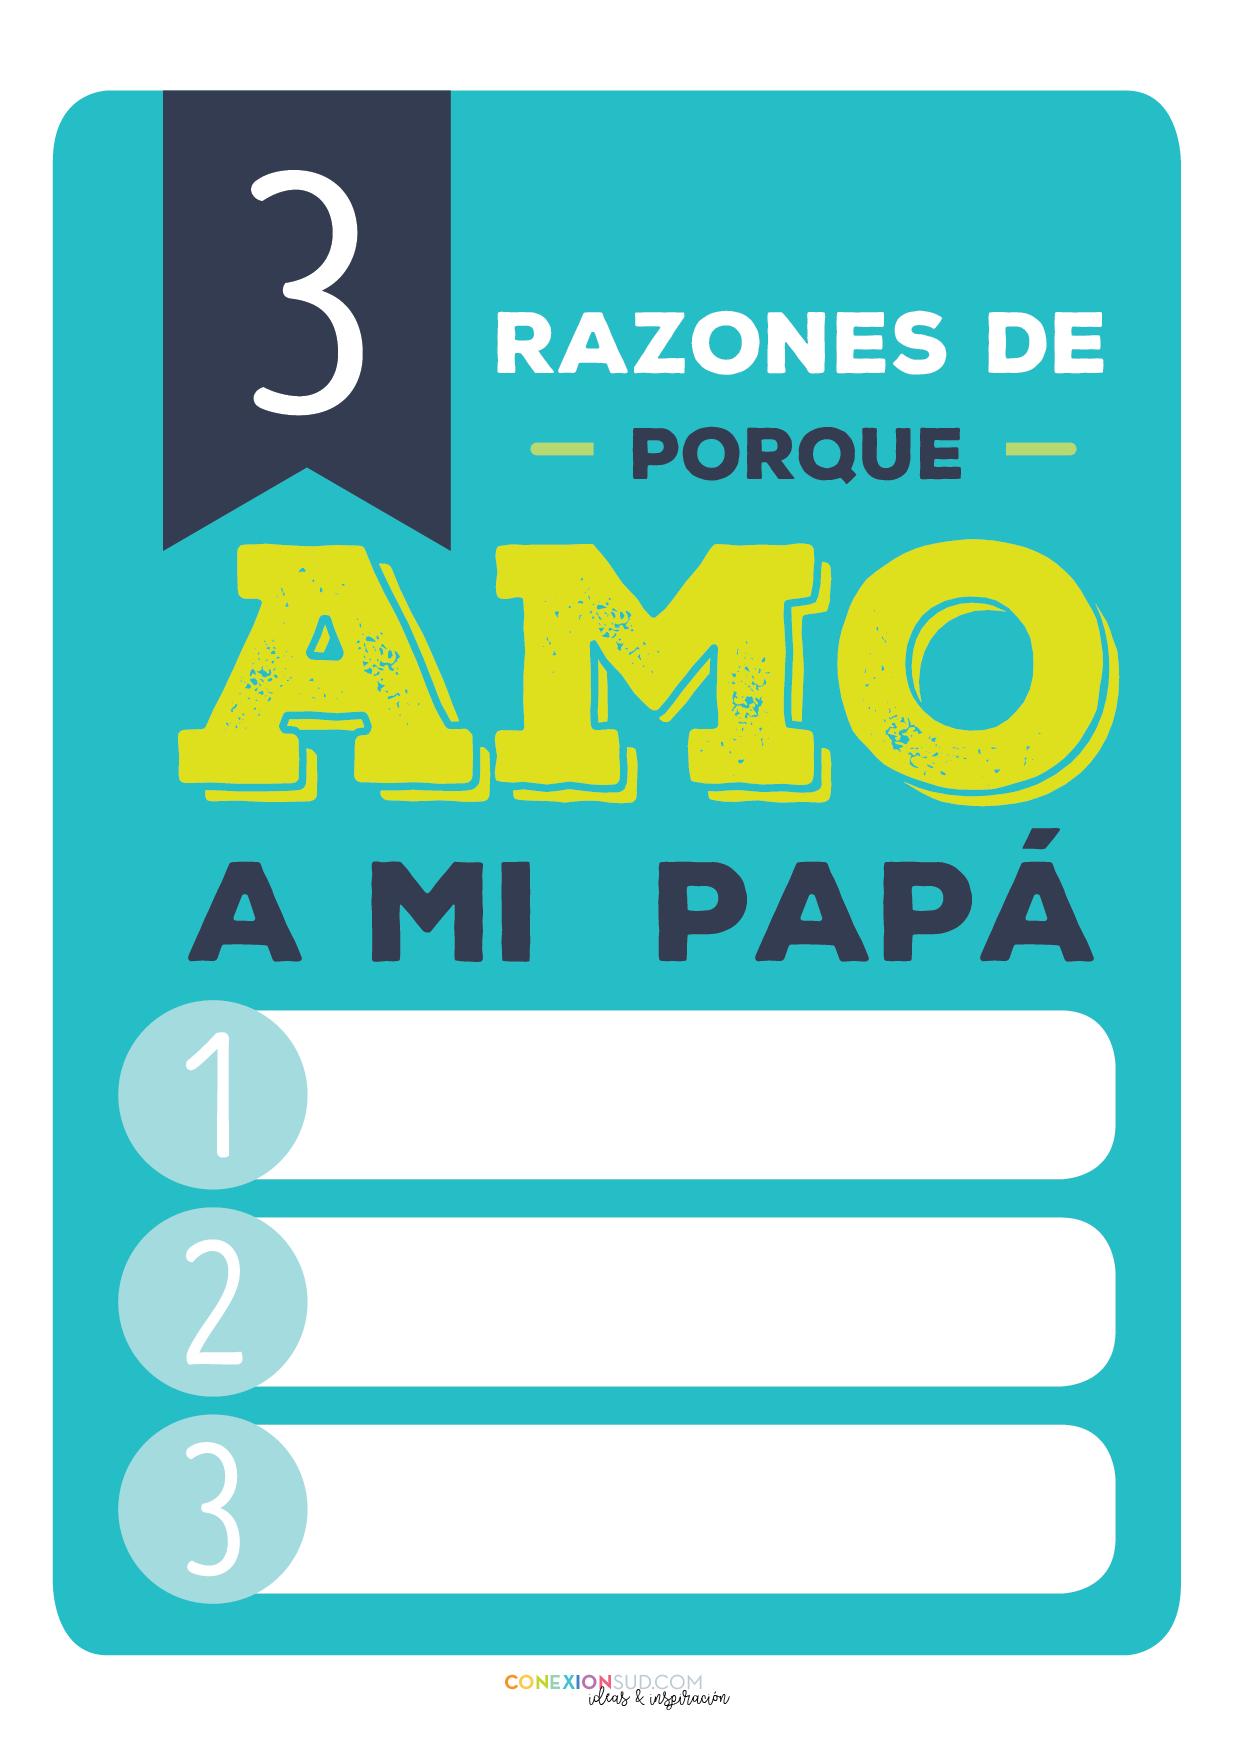 5 razones de porque amo a mi papá - Día del Padre